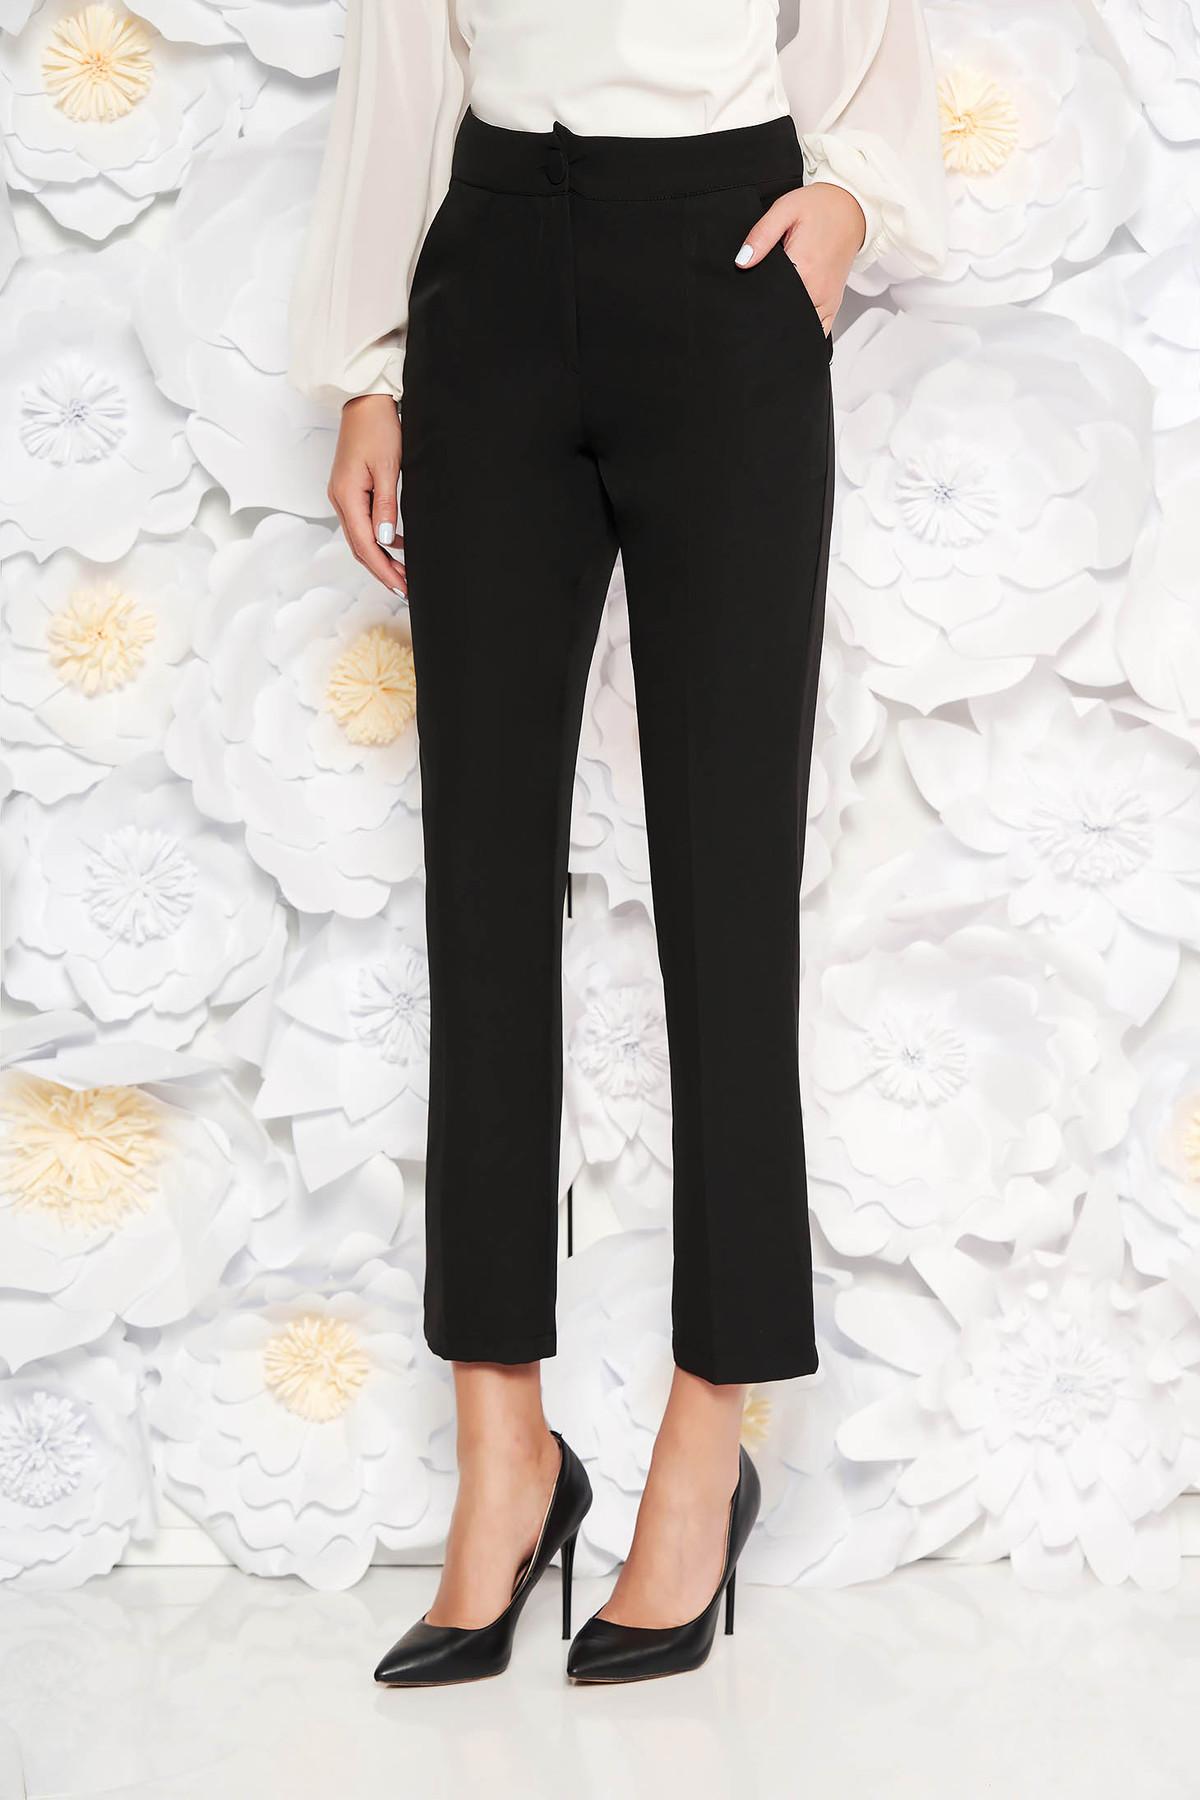 Pantaloni Artista negri office cu un croi drept cu talie medie din stofa usor elastica cu buzunare